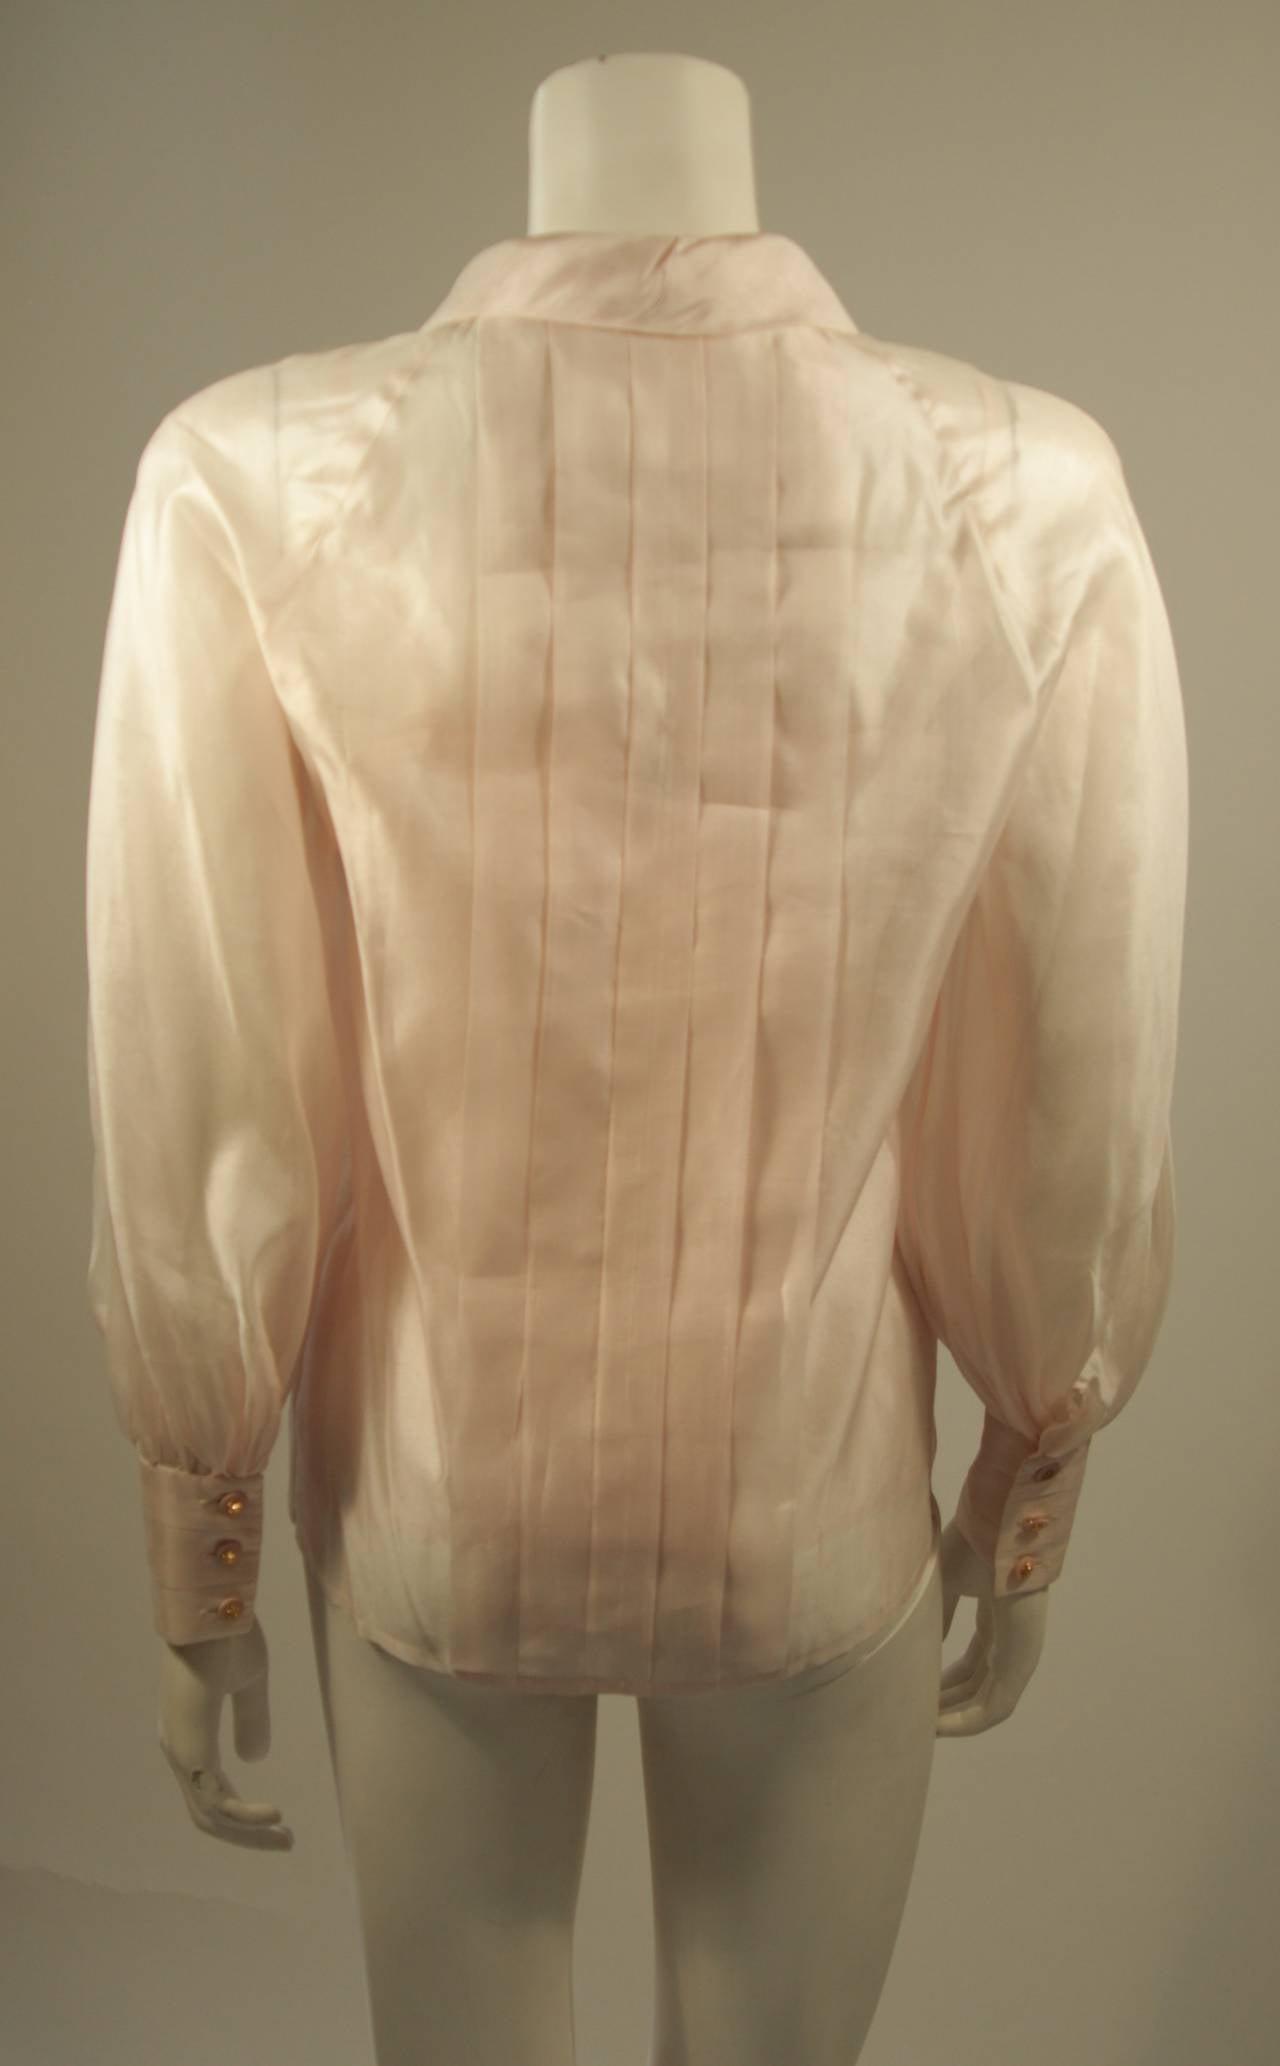 Chanel 3 Piece Pink Silk Organza Tie Neck Blouse & Camisole Set Size 36 8